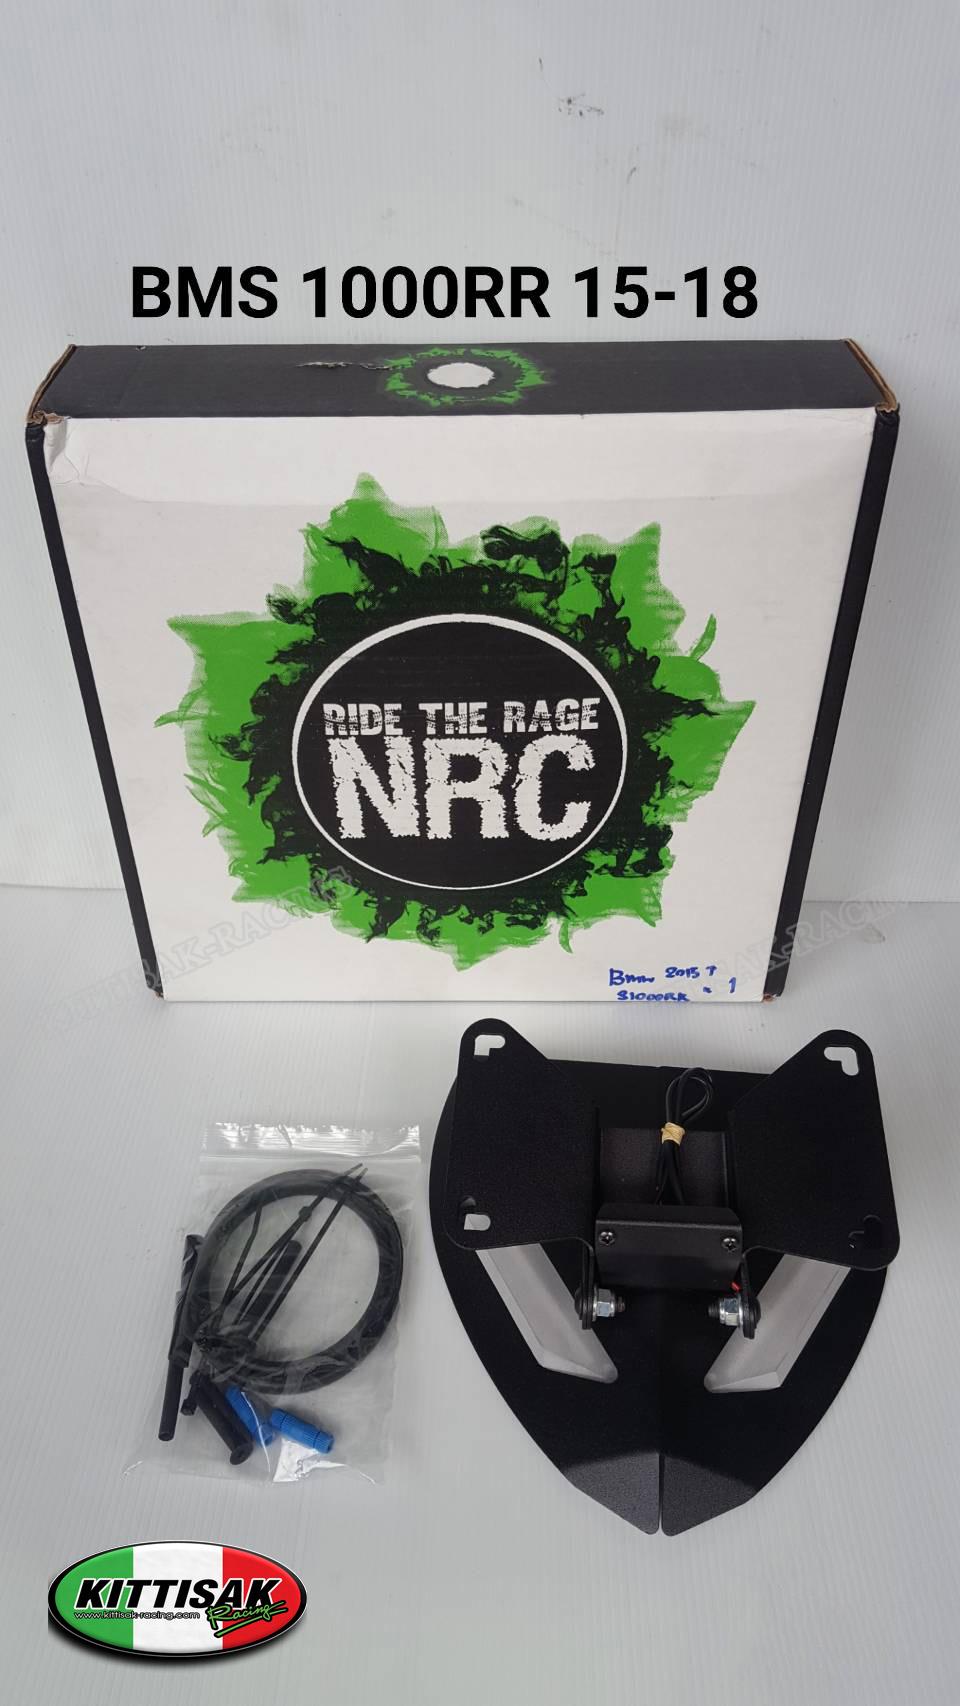 ชุดท้ายสั้น NRC มาพร้อมไฟเลี้ยวหลัง LED สำหรับ BMW S1000R (naked) และ BMW S1000RR (sport)ปี 09-15+